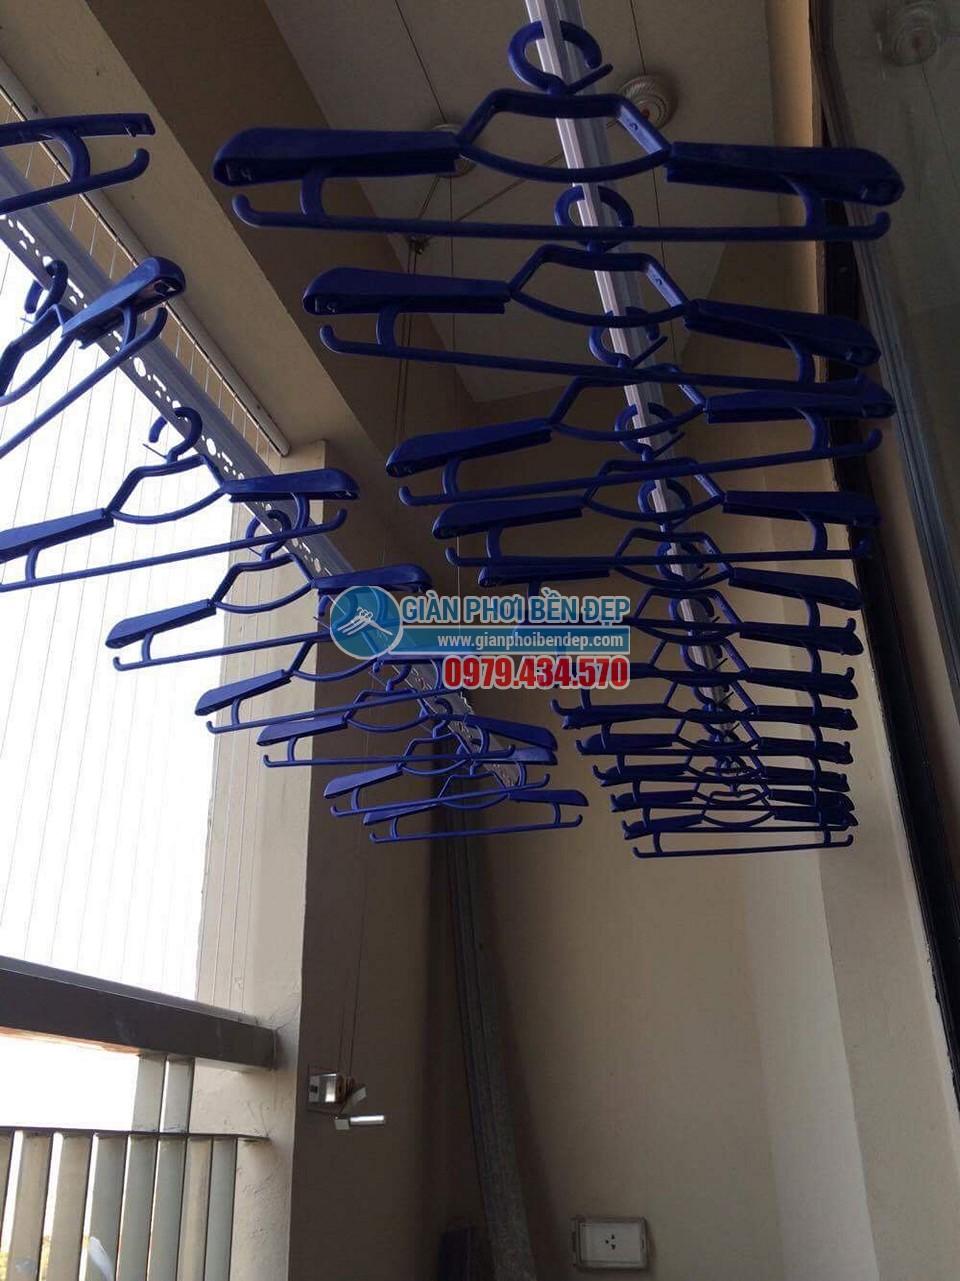 Dịch vụ sửa giàn phơi thông minh tại nhà giá rẻ nhất Hà Nội - 02